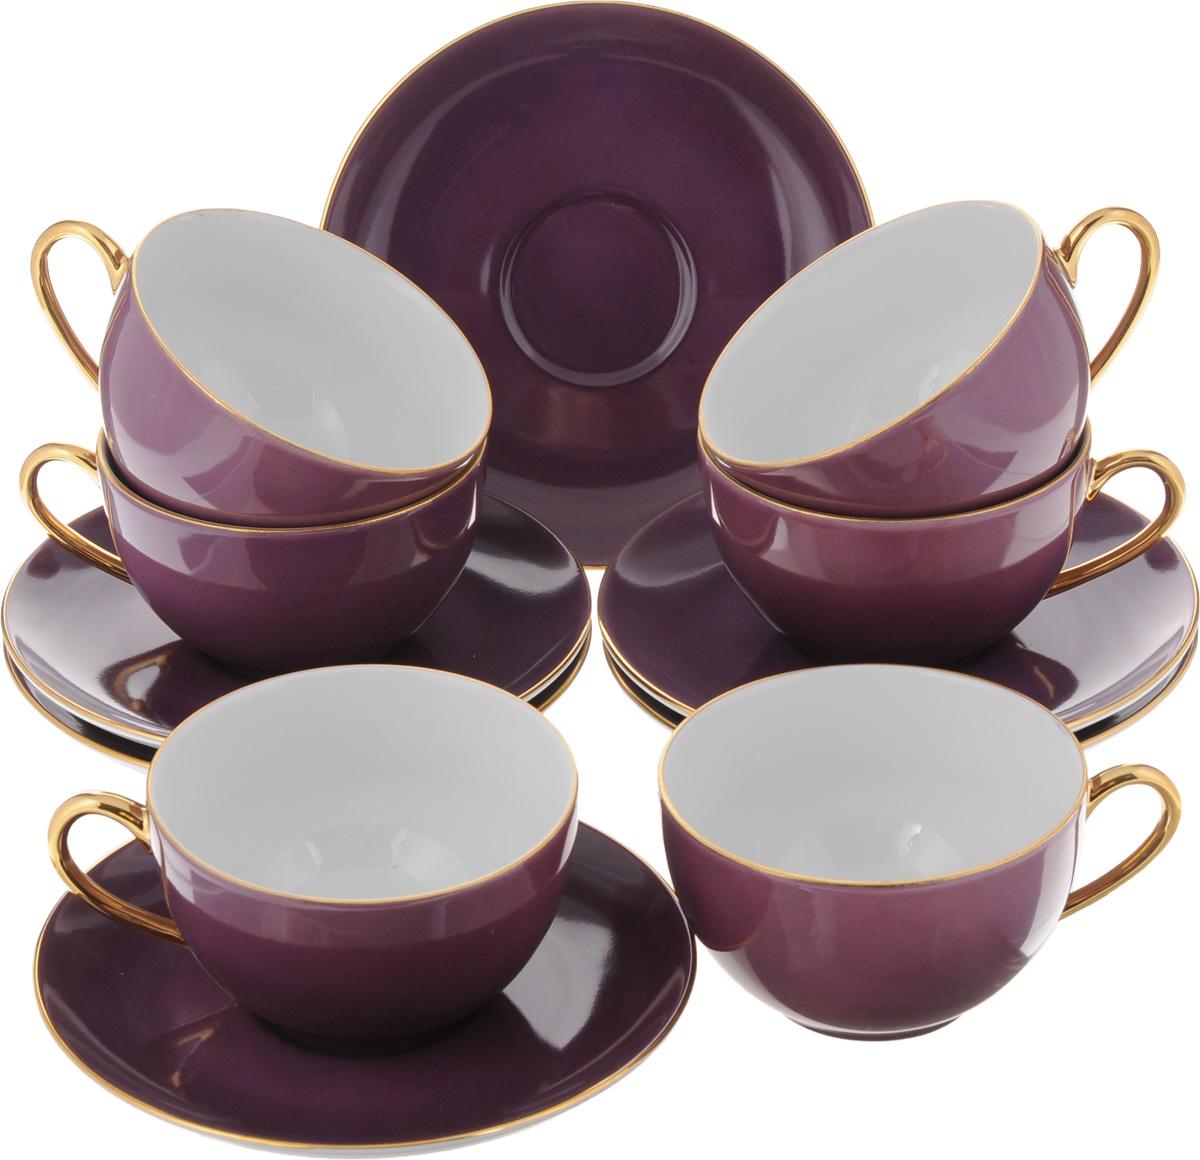 Набор чайный Yves De La Rosiere Monalisa, цвет: фиолетовый, 12 предметов115510Чайный набор Yves De La Rosiere Monalisa состоит из 6 чашек и 6 блюдец, изготовленных из высококачественного фарфора. Такой набор прекрасно дополнит сервировку стола к чаепитию, а также станет замечательным подарком для ваших друзей и близких. Объем чашки: 220 мл. Диаметр чашки по верхнему краю: 9,5 см. Высота чашки: 5,5 см. Диаметр блюдца: 15 см.Высота блюдца: 2 см.